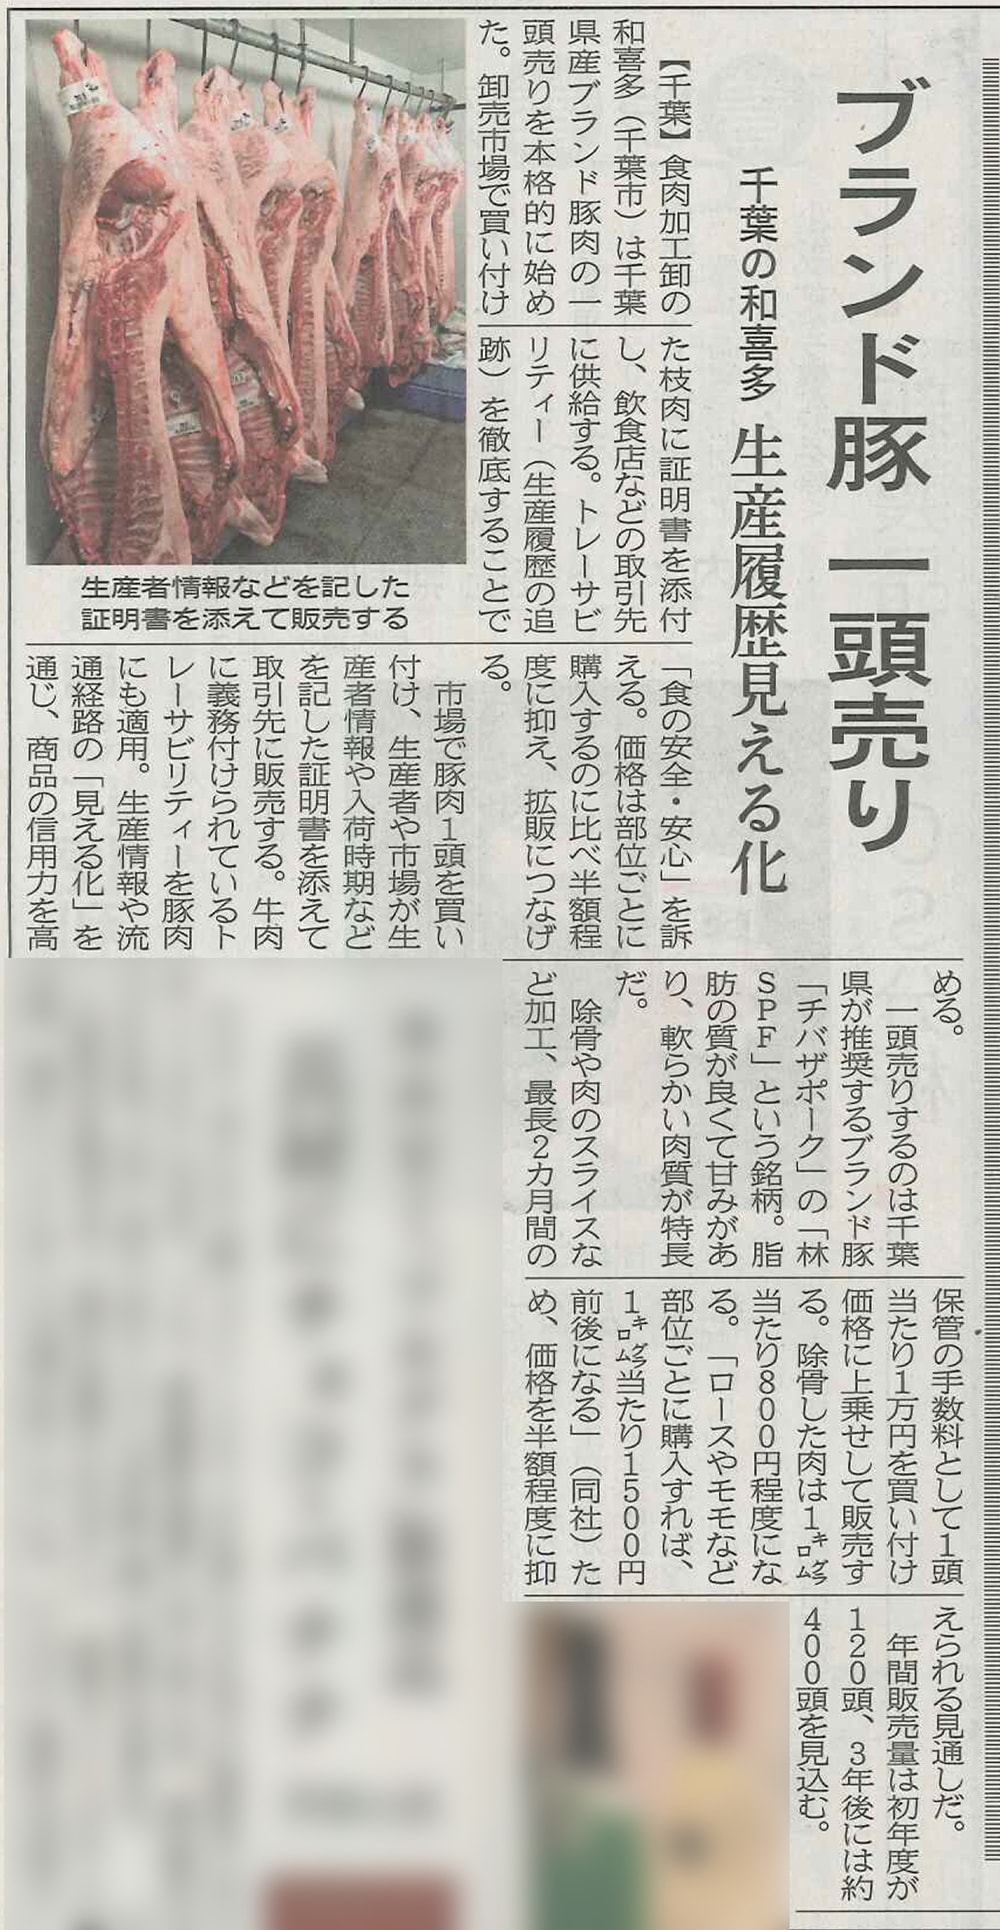 2017年3月3日発行「日経MJ」の切り抜き